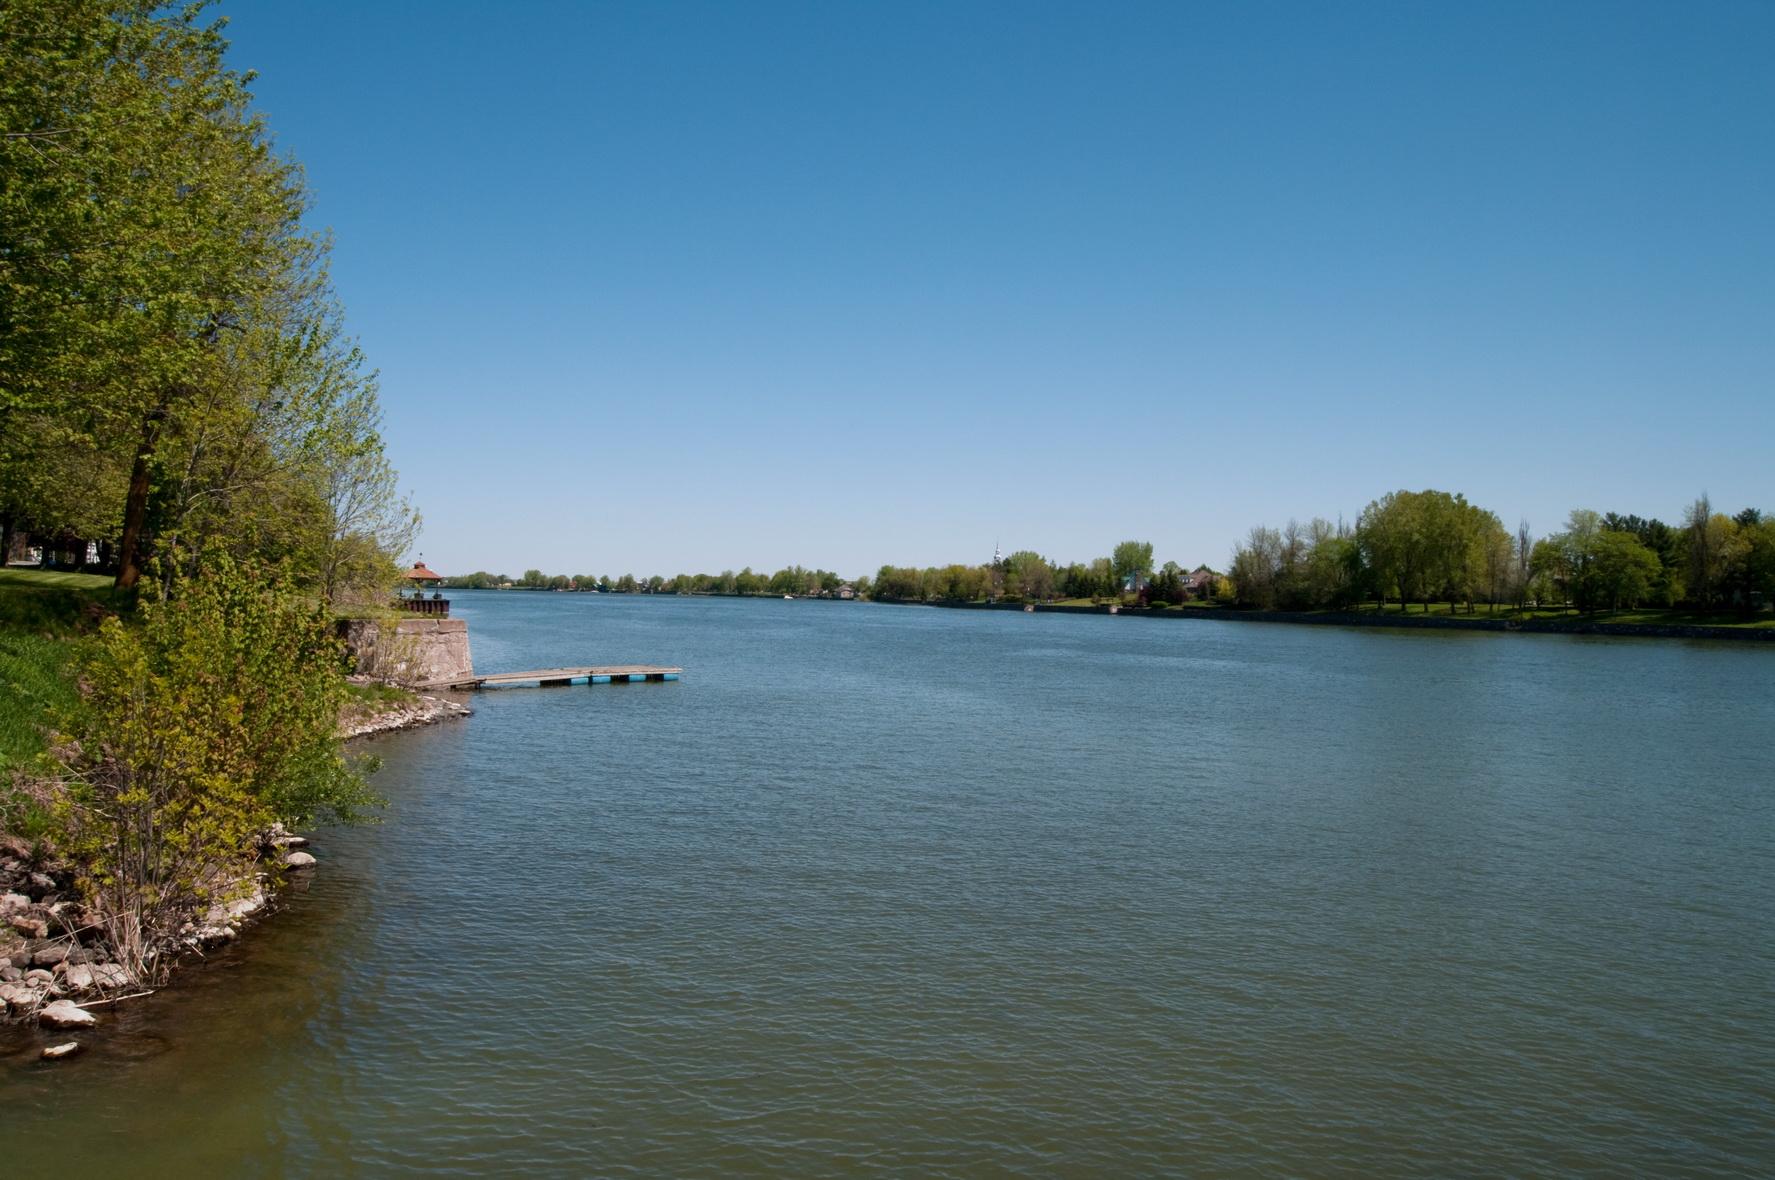 La rivière masoliantekw qui signifie : rivière de beaucoup d'argent